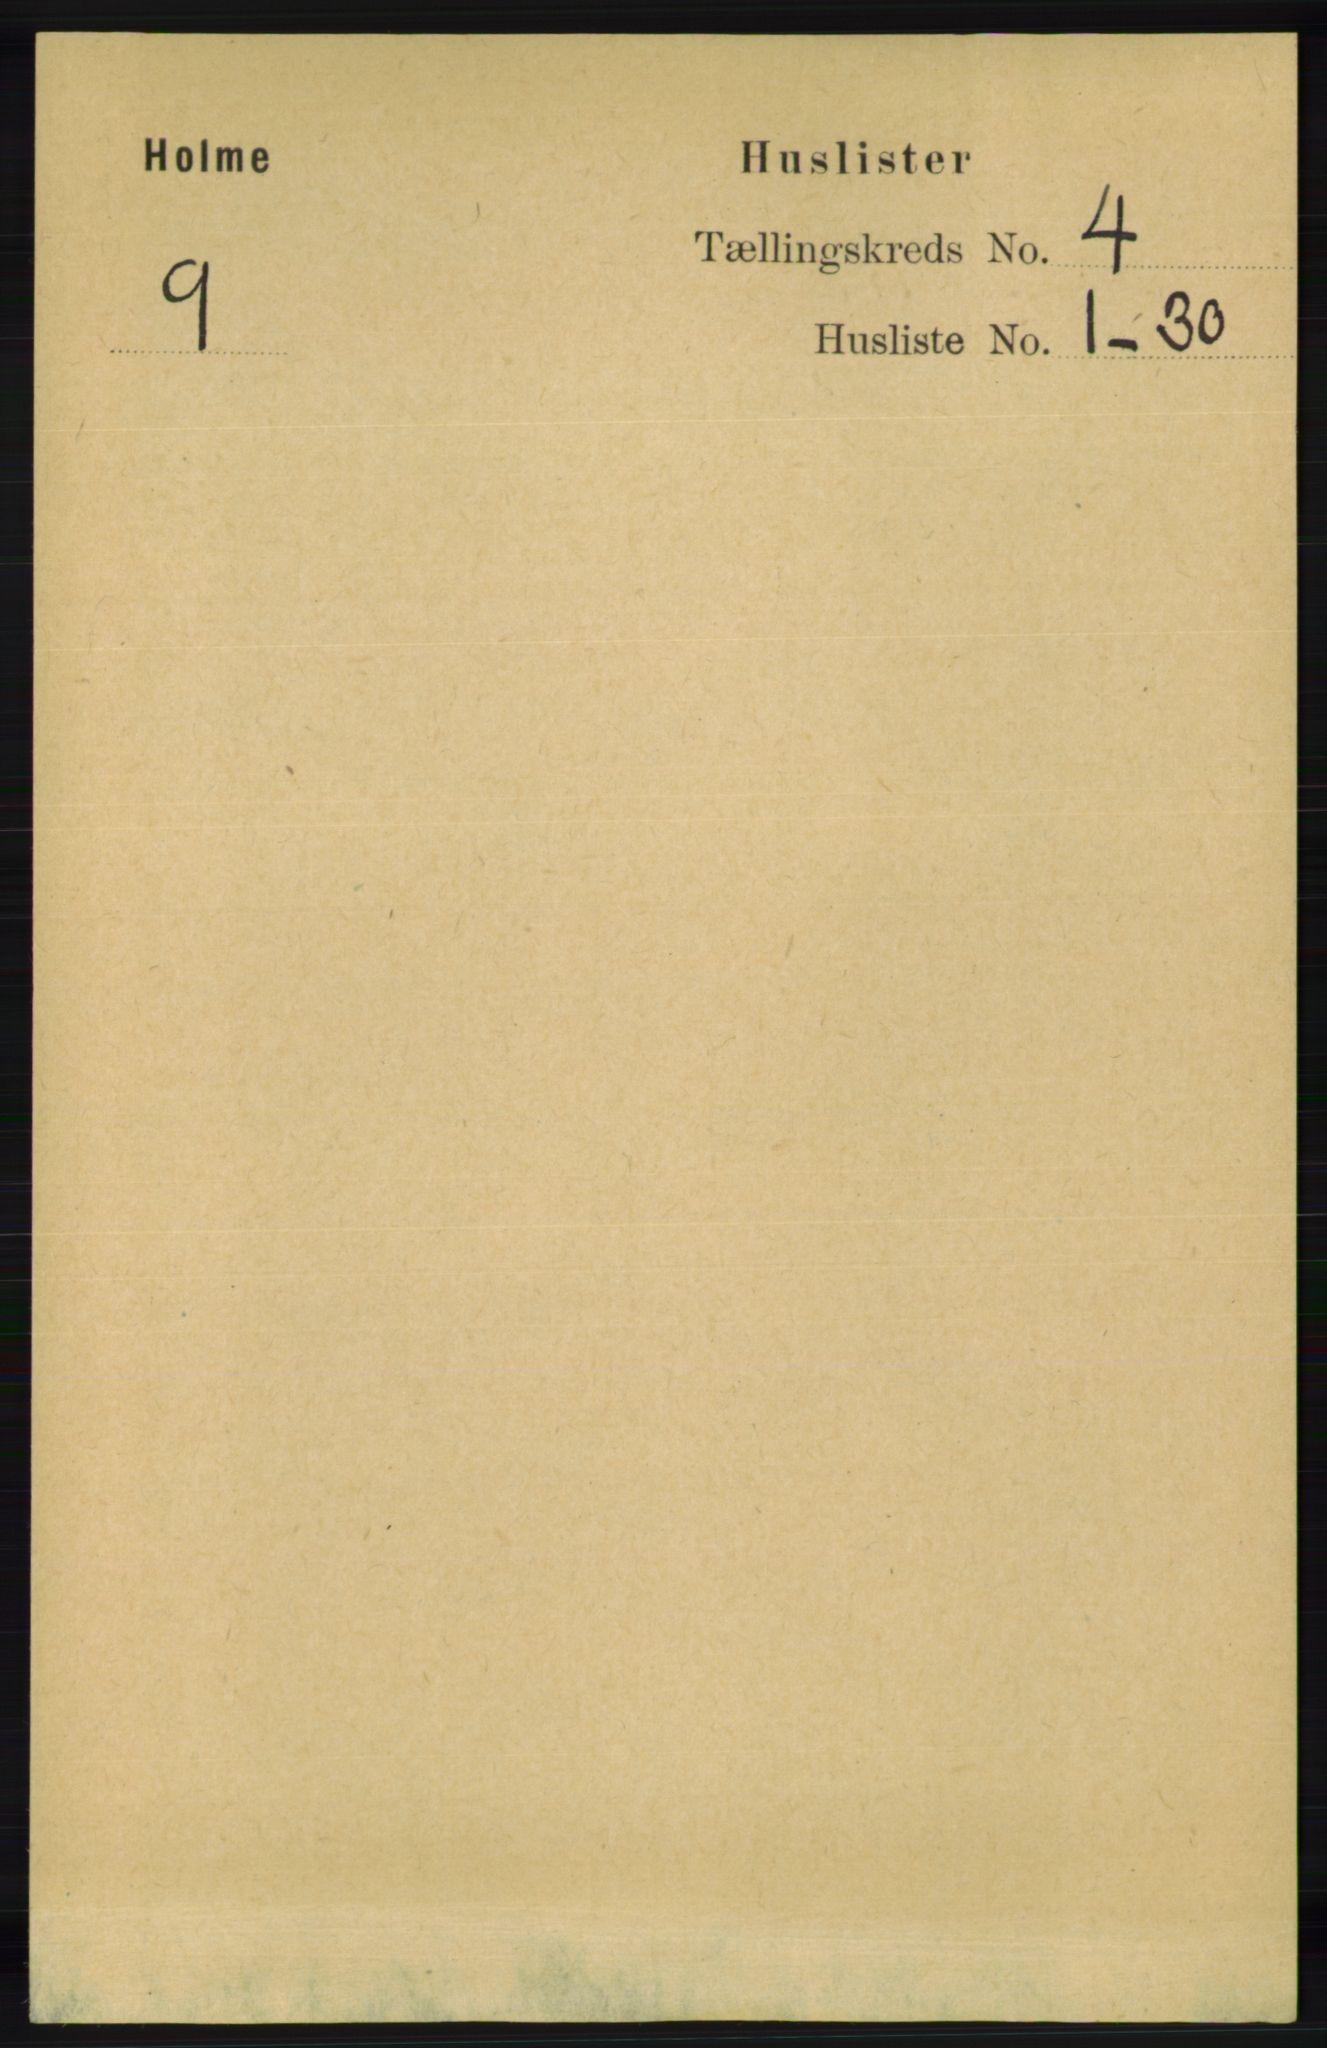 RA, Folketelling 1891 for 1020 Holum herred, 1891, s. 1000